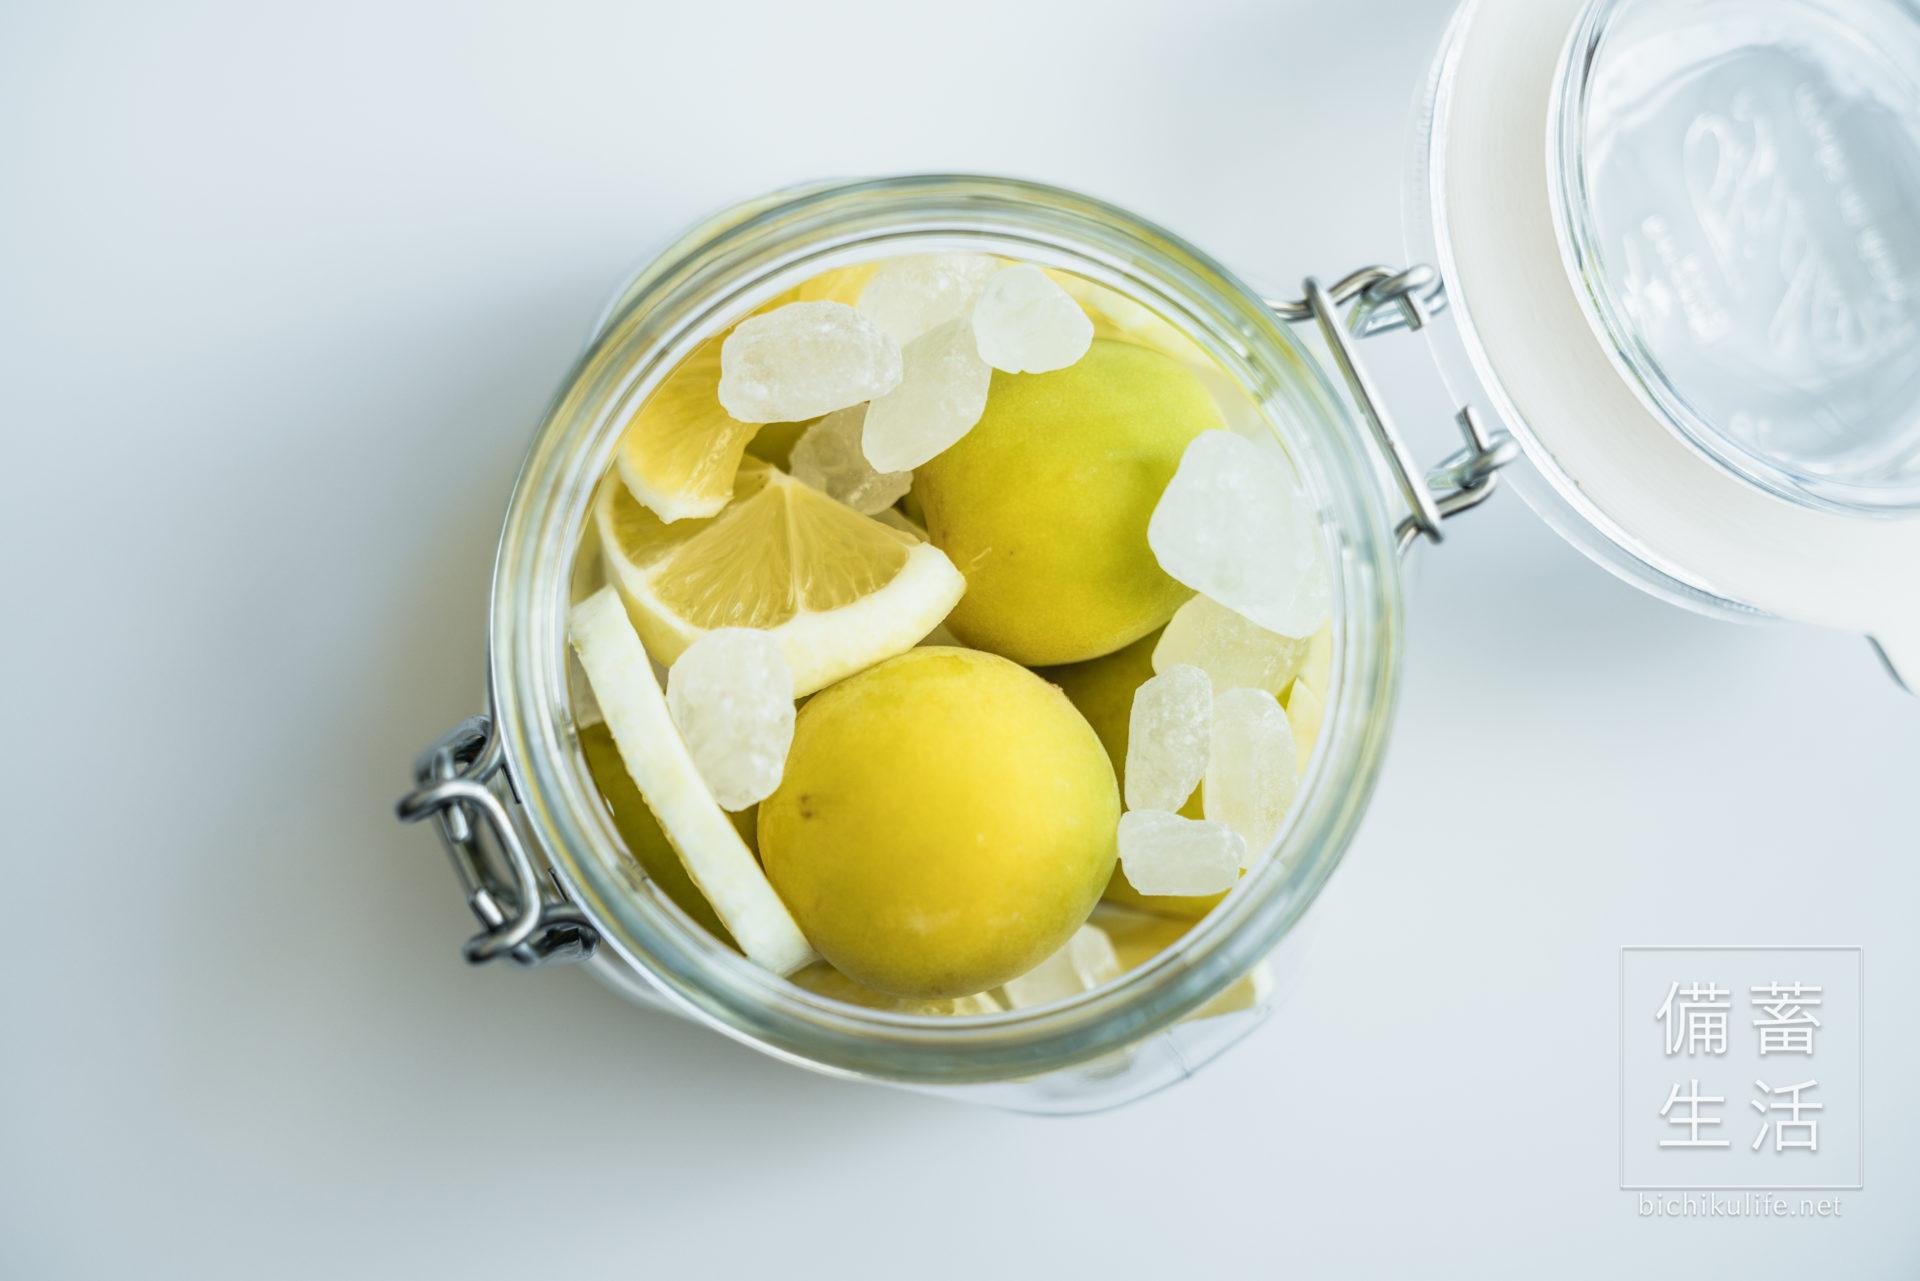 梅シロップ はちみつレモンのレシピ、保存瓶に梅と氷砂糖、レモンを詰める